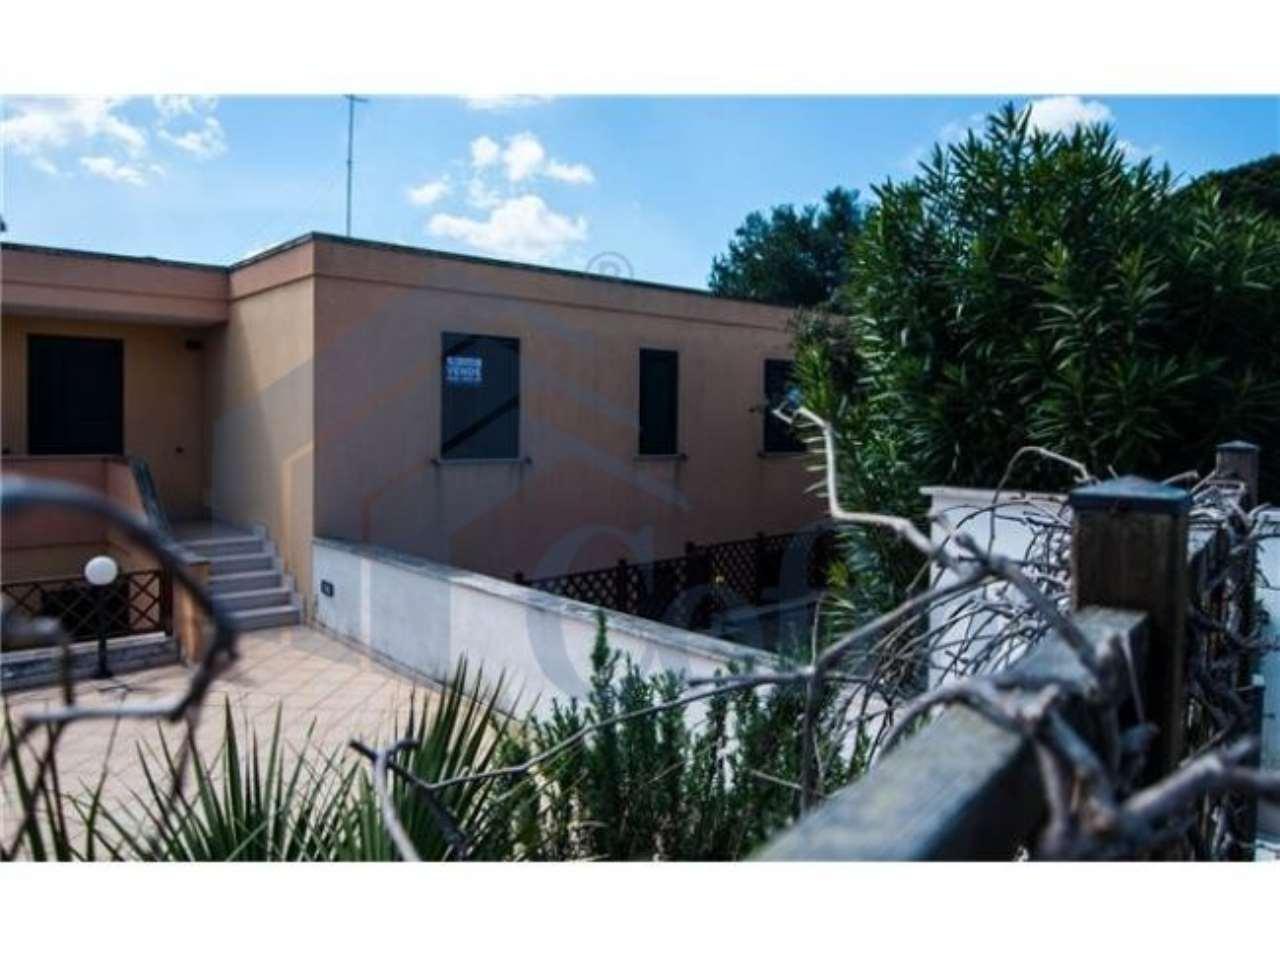 Appartamento in vendita a Santa Cesarea Terme, 3 locali, prezzo € 135.000 | CambioCasa.it